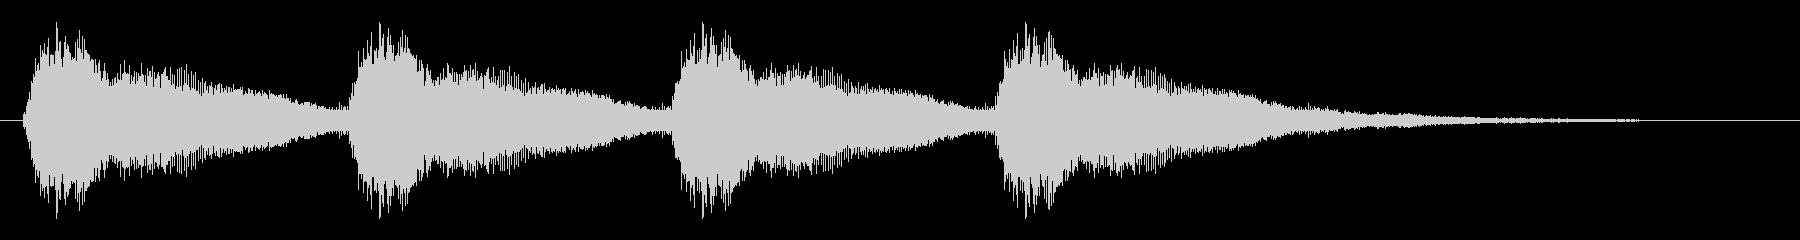 ブザーの音(四つ)の未再生の波形